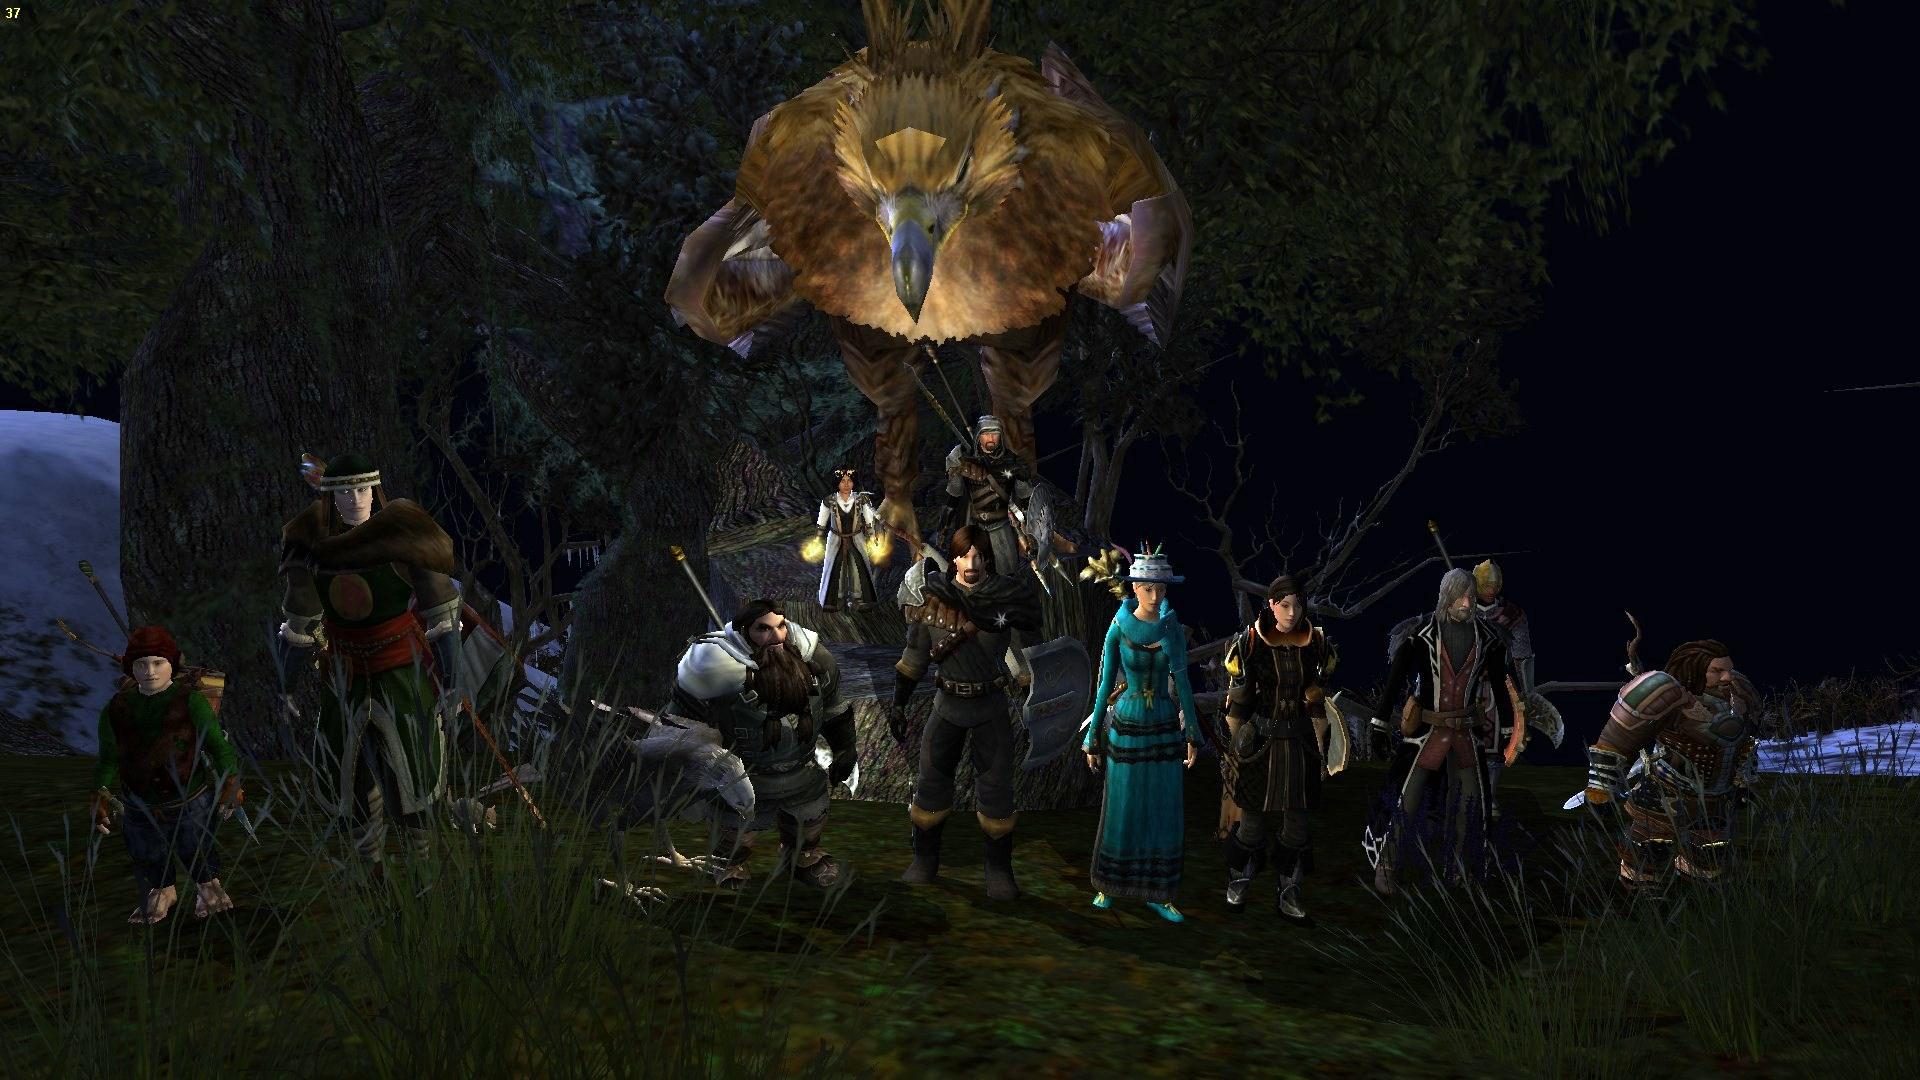 Tower of Orthank - Saruman: Hlavní tank (ehm...tedy já) byl sice shozen z věže, ale zbytek party nakonec úspěšně dobil všechny Sarumanovi klony:)